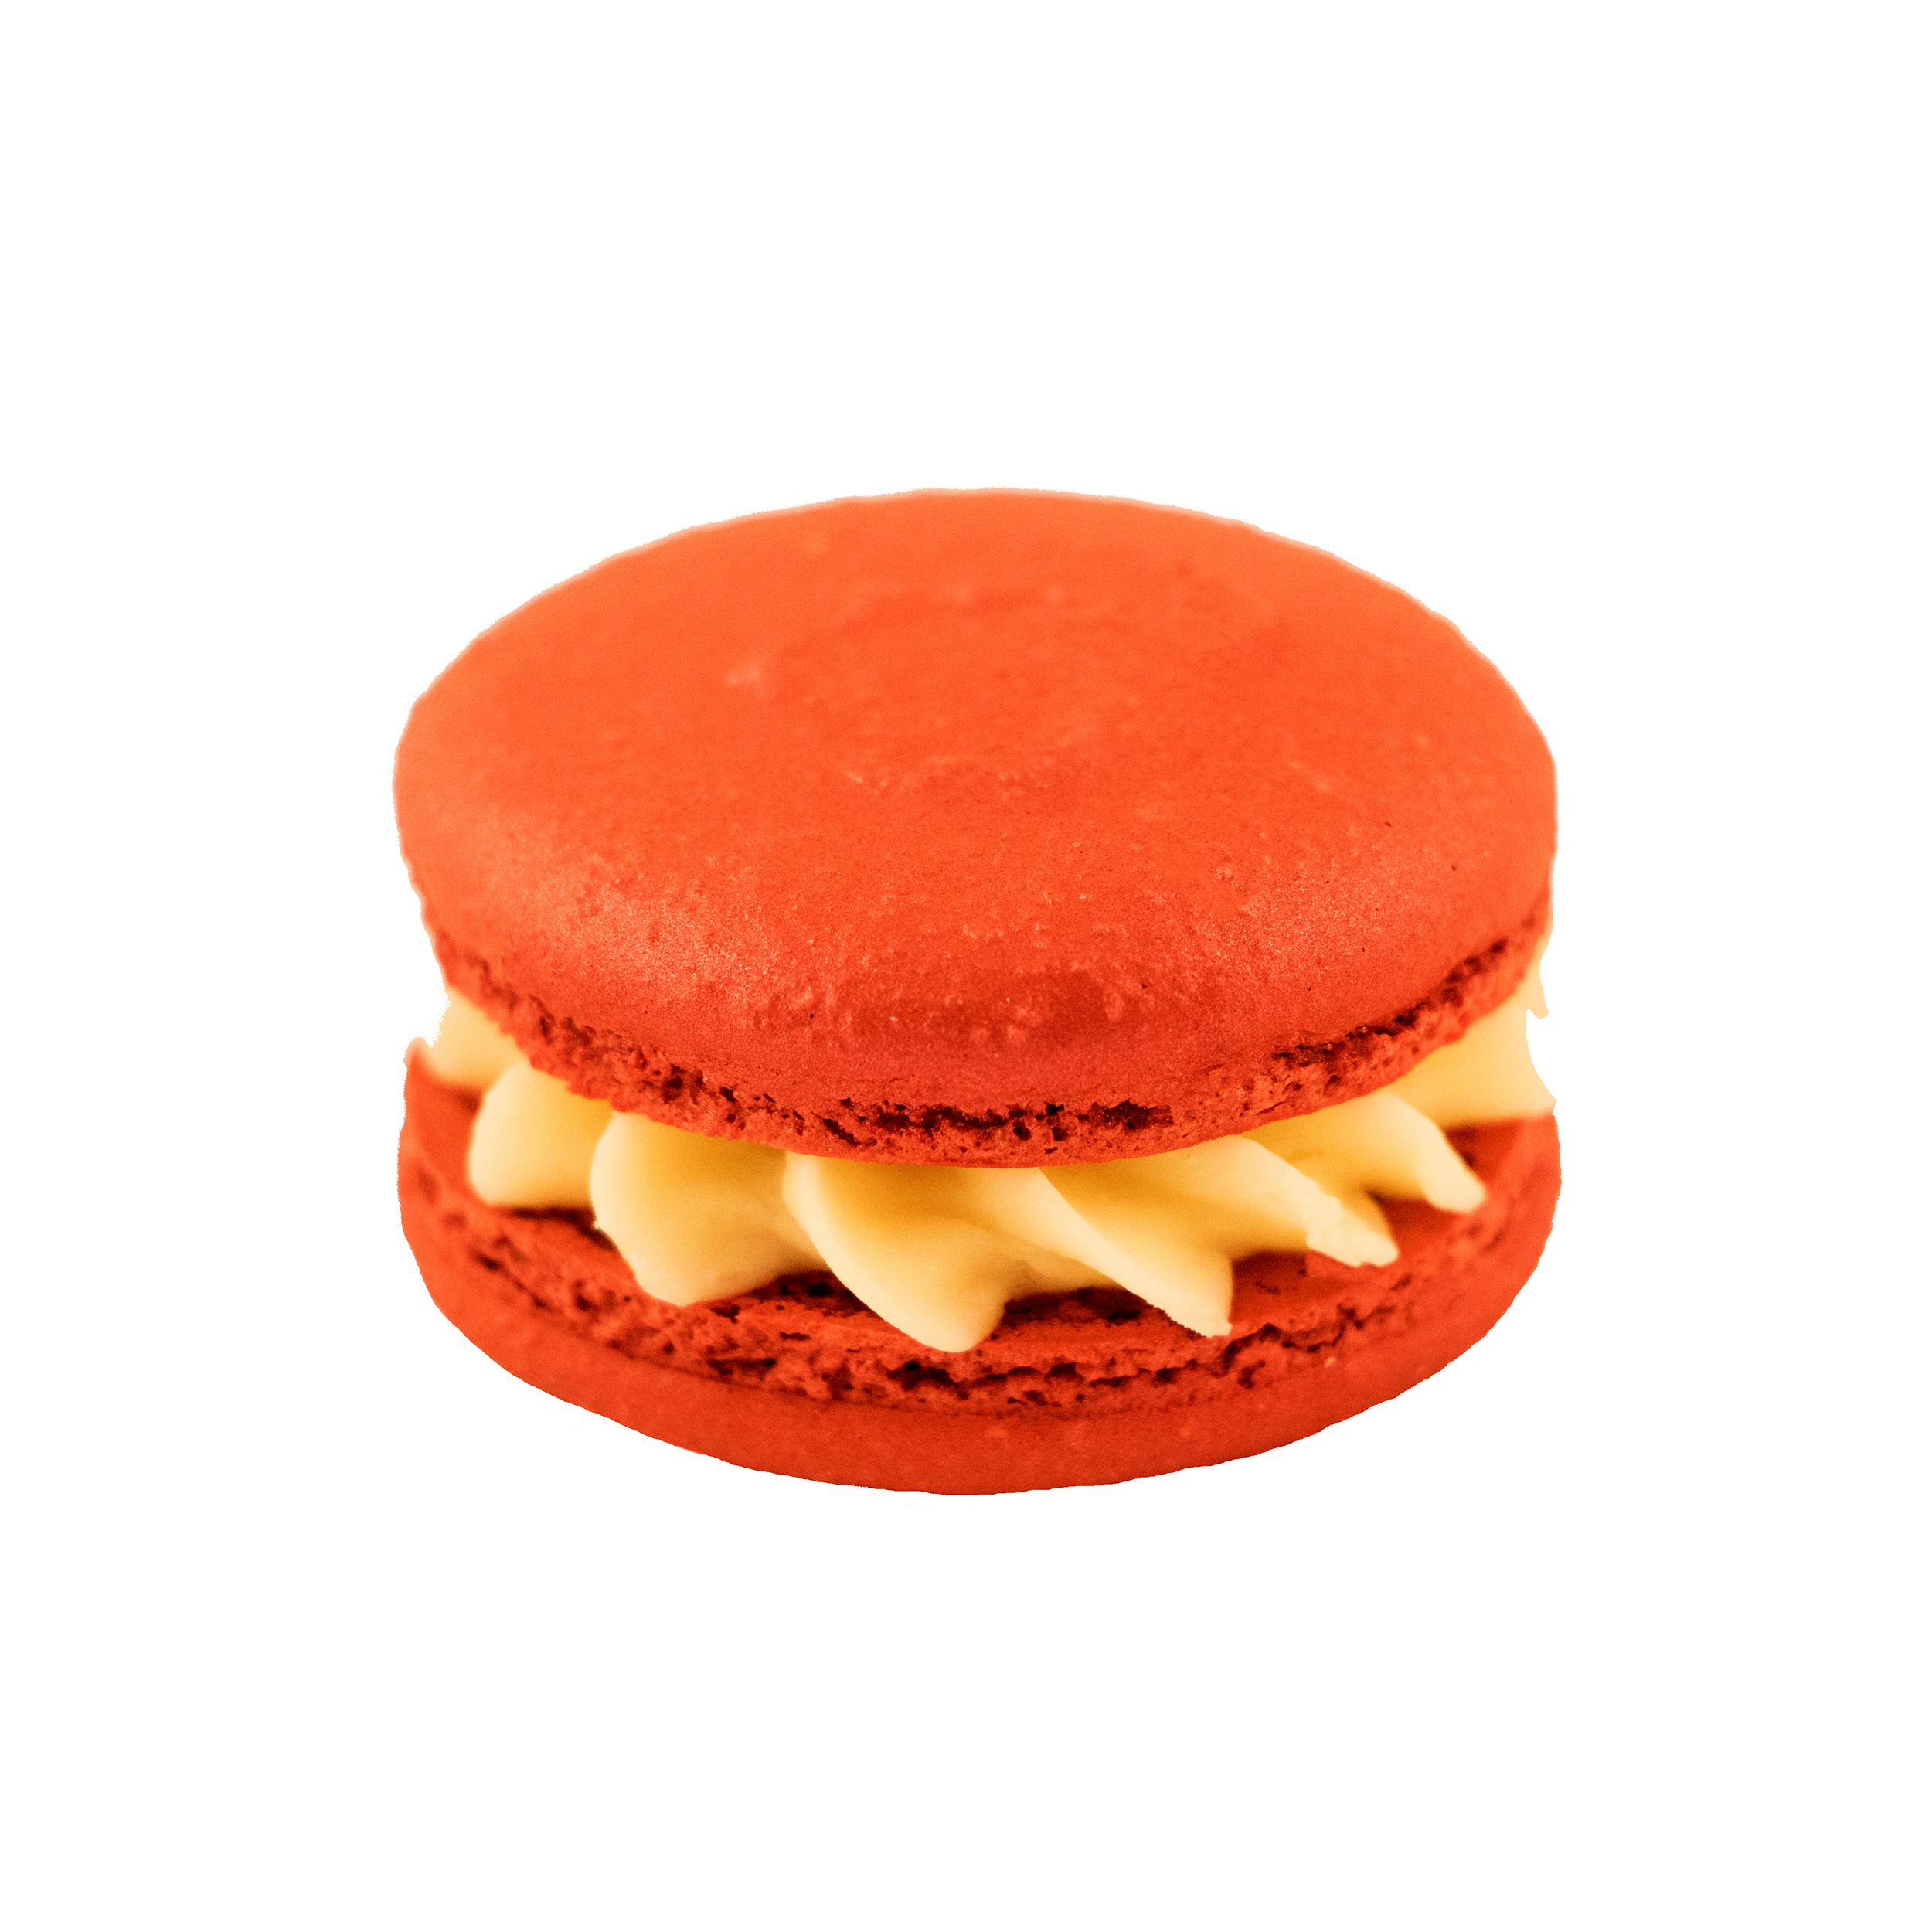 Red Velvet Macaron.jpg